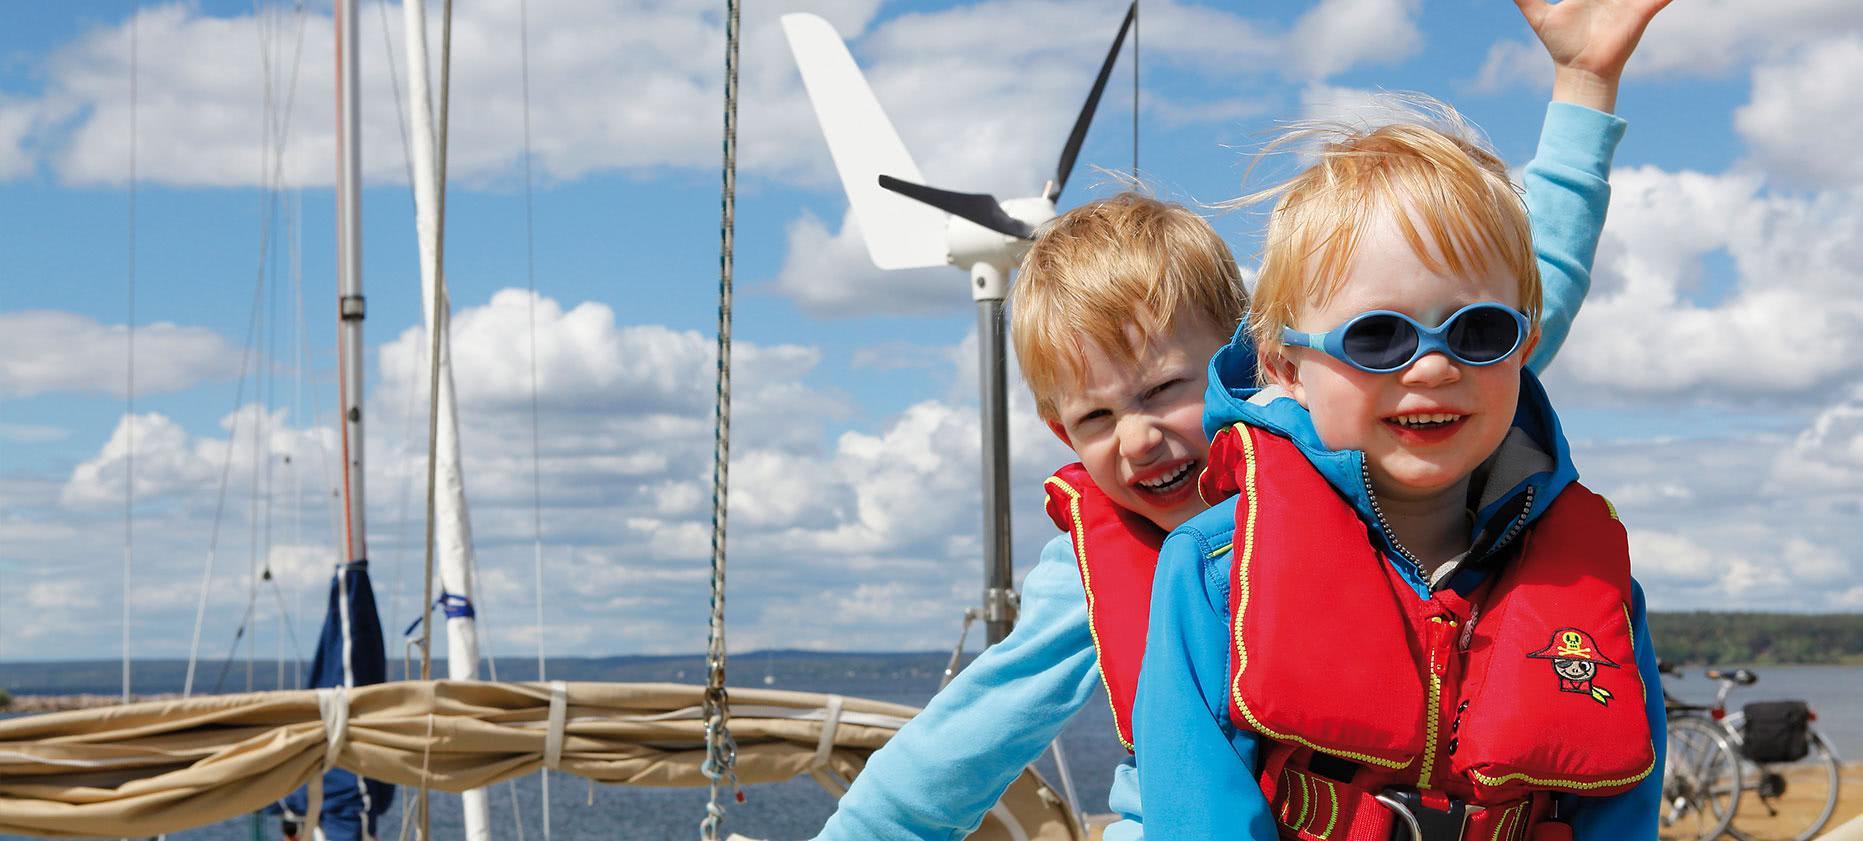 Les meilleurs gilets pour enfants : tests comparatifs des gilets de sauvetage pour enfants